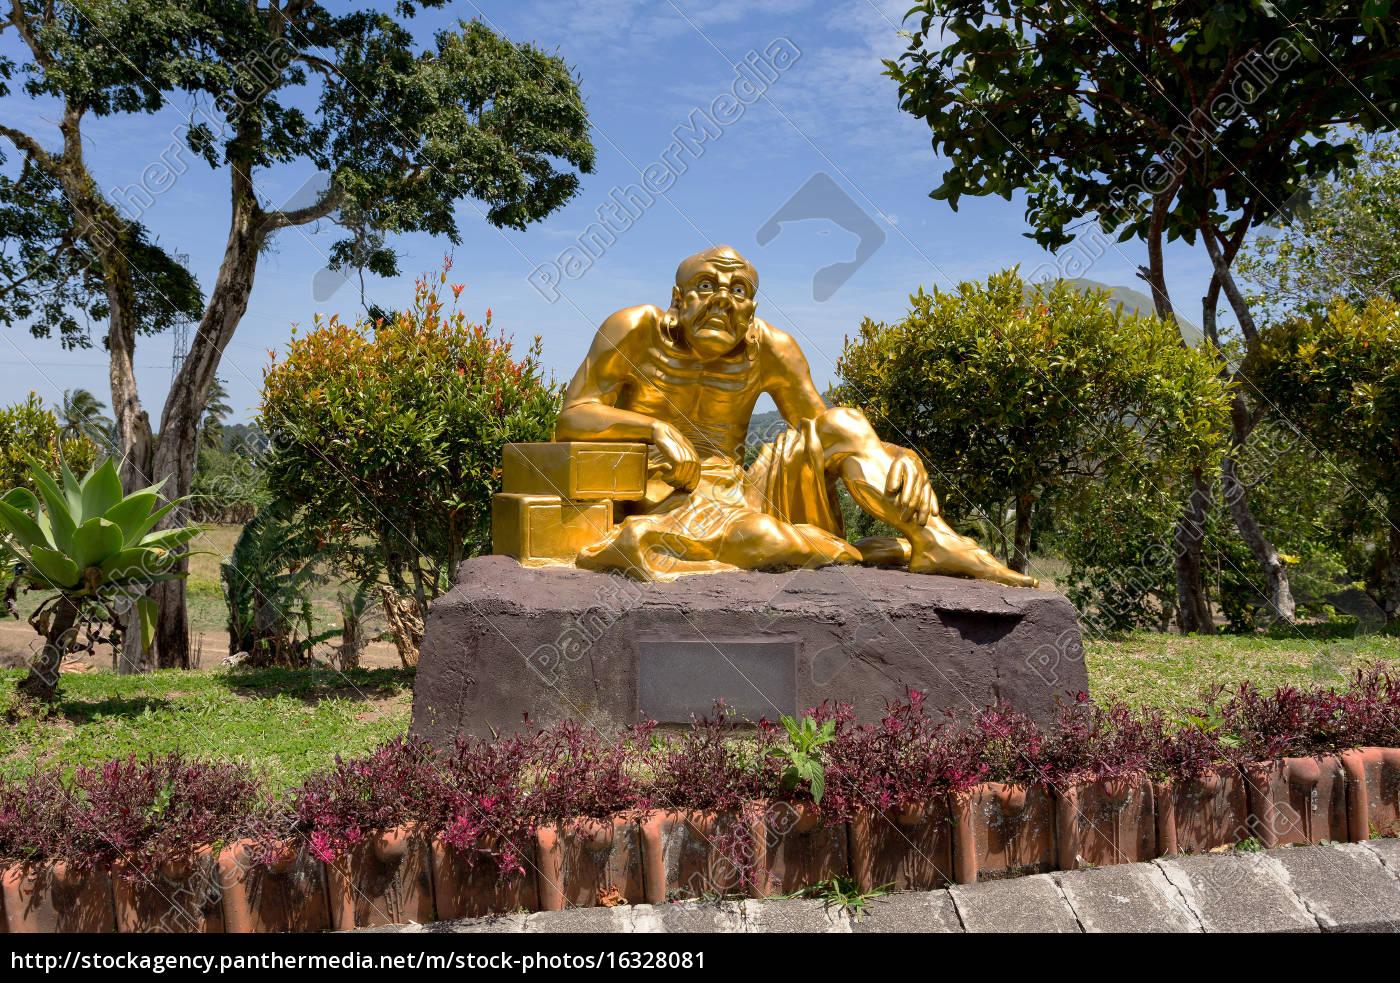 fat, monk, statue, in, complex, pagoda - 16328081